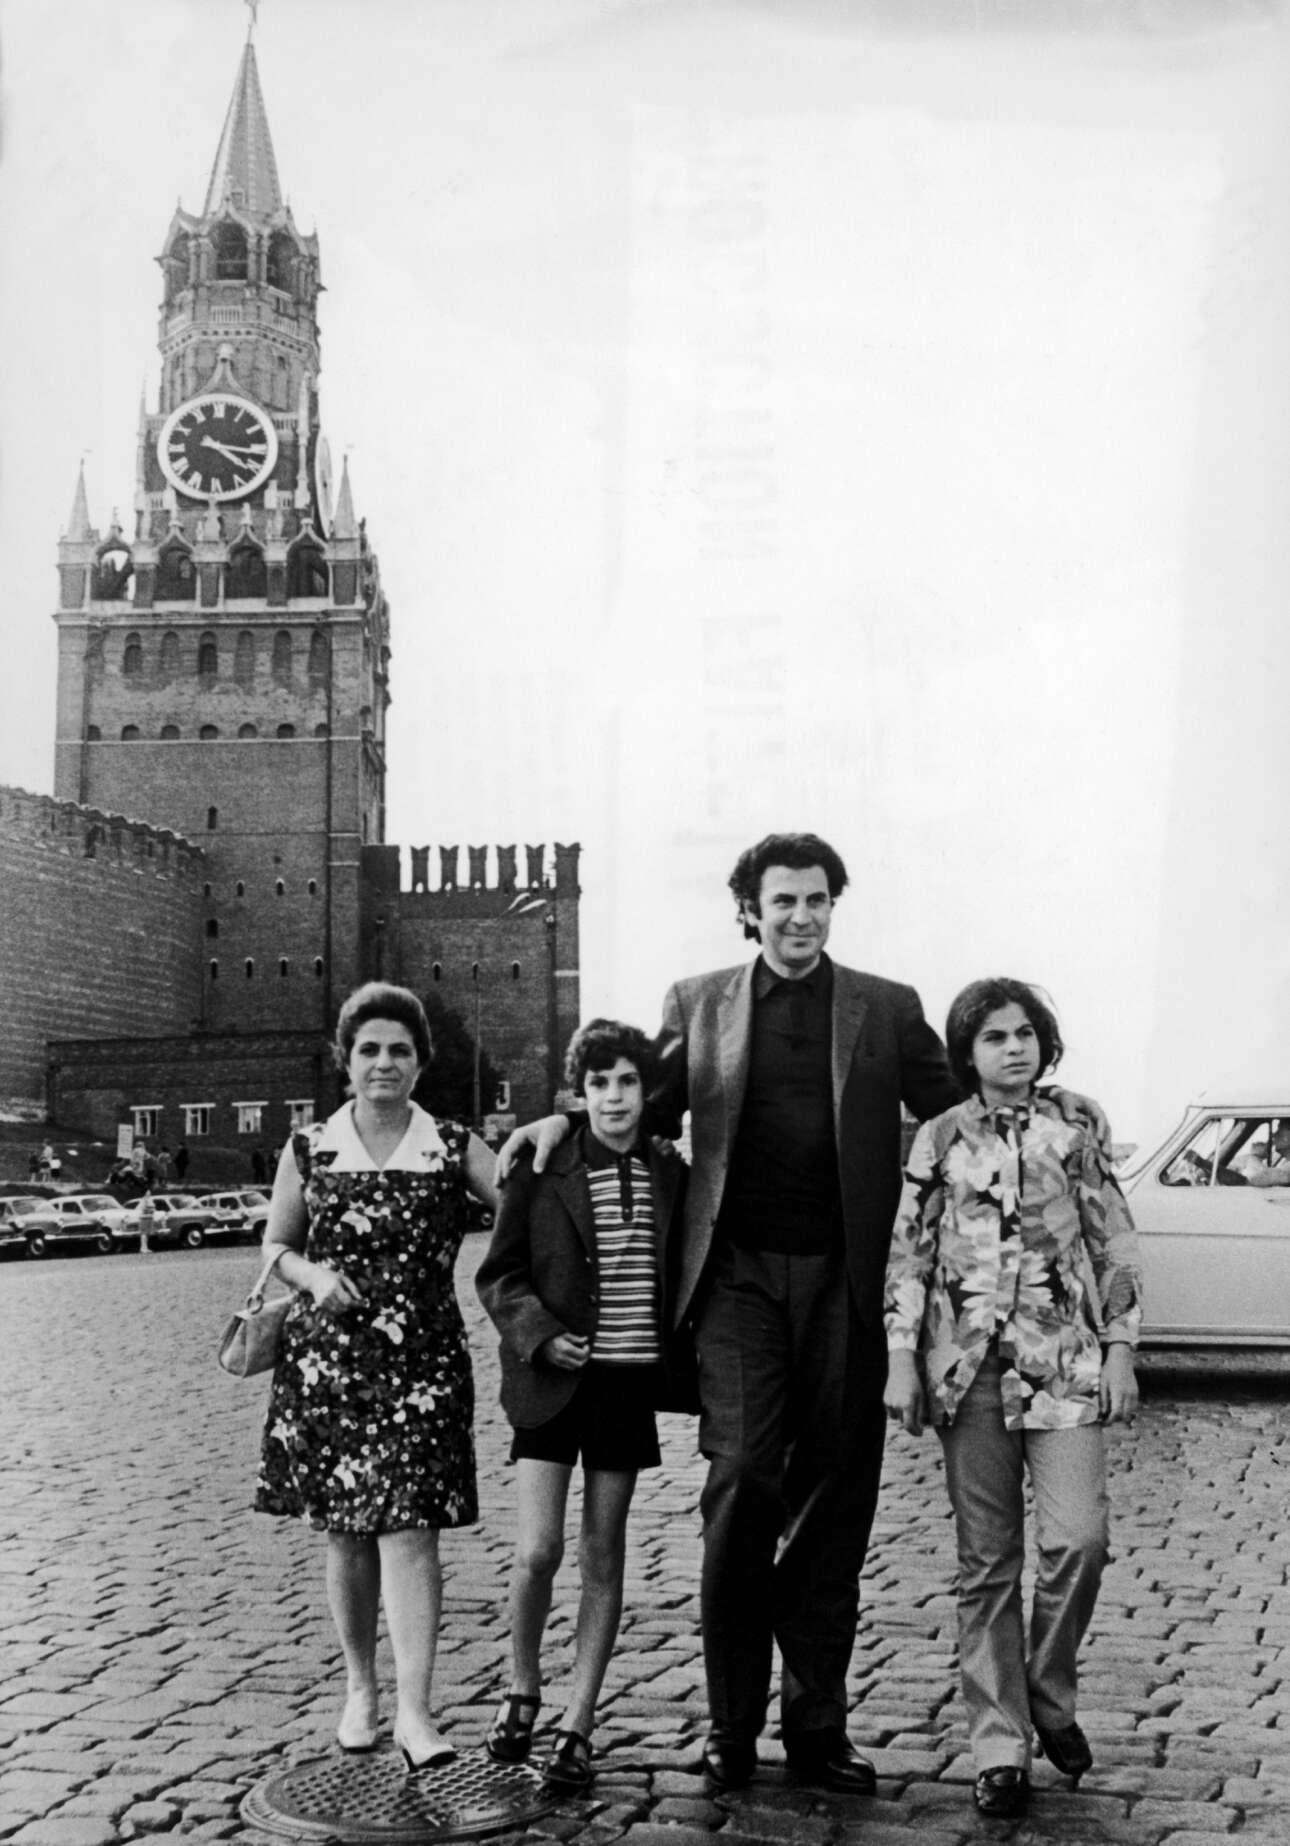 Με την οικογένειά του, τη Μυρτώ, τον Γιώργο και τη Μαργαρίτα, στην Κόκκινη Πλατεία στη Μόσχα στις αρχές της δεκαετίας του '70